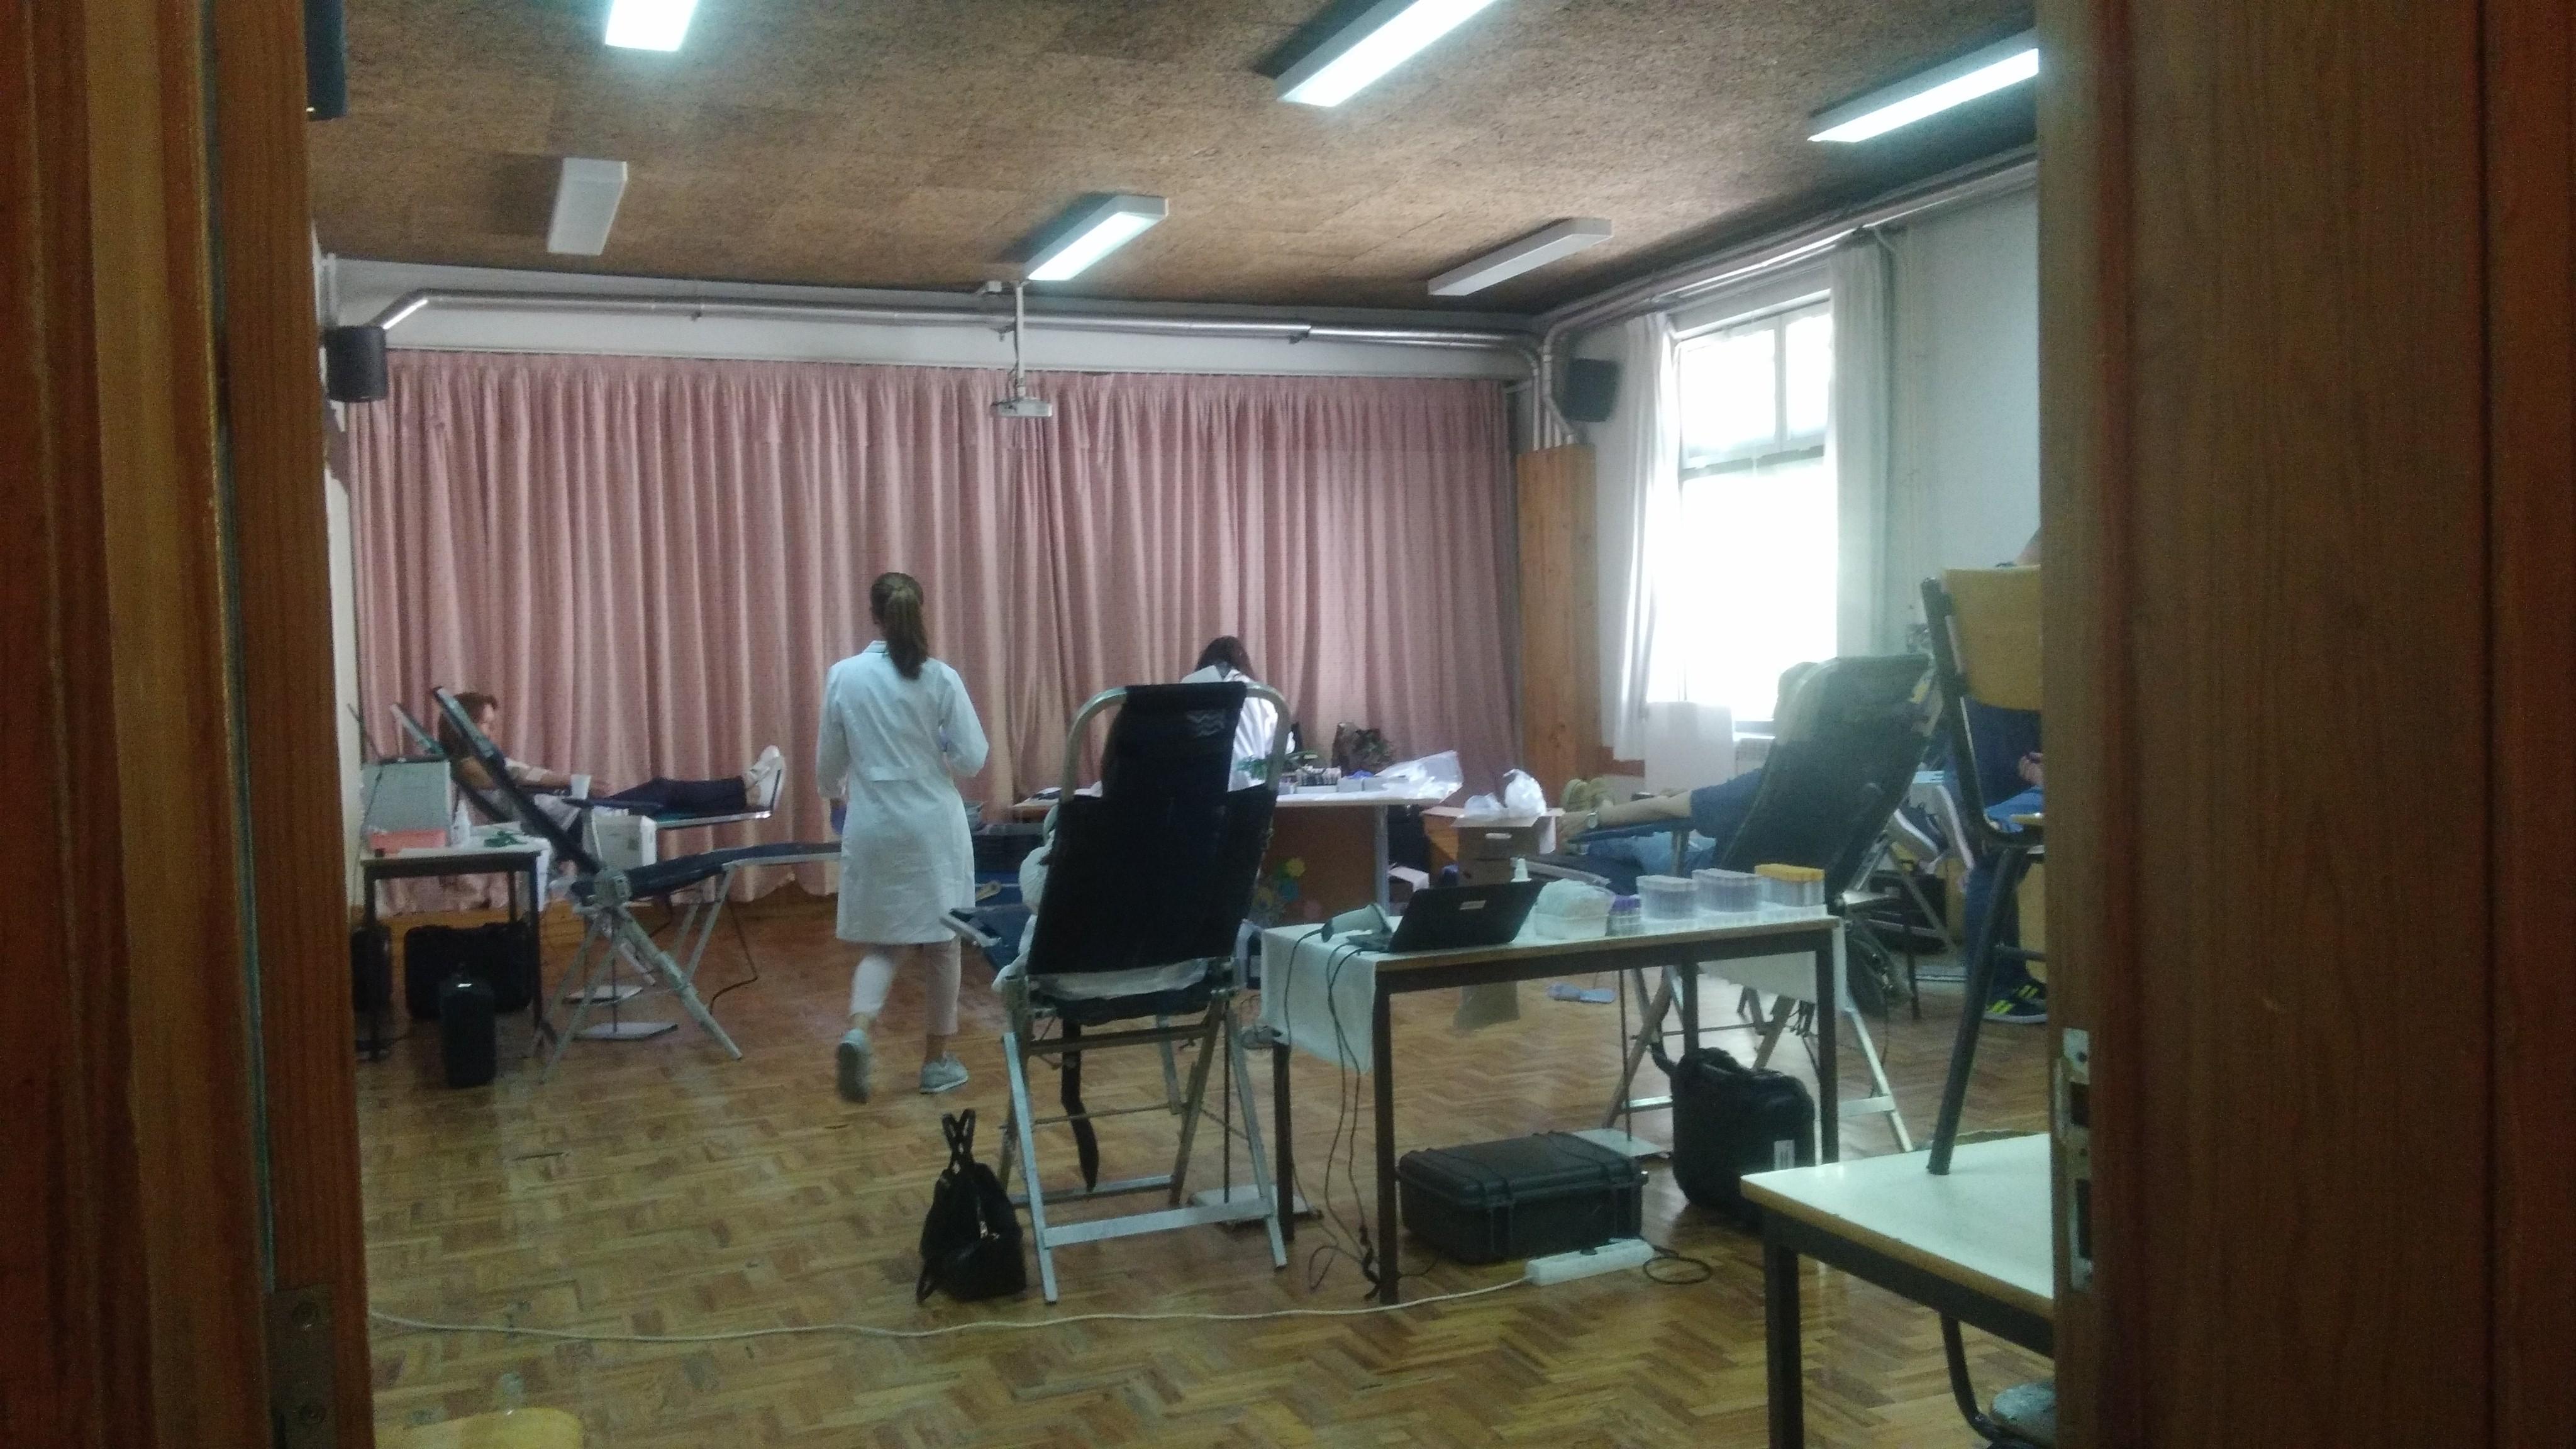 Campanha de recolha de sangue na Escola Básica João de Barros – 25  de maio de 2019